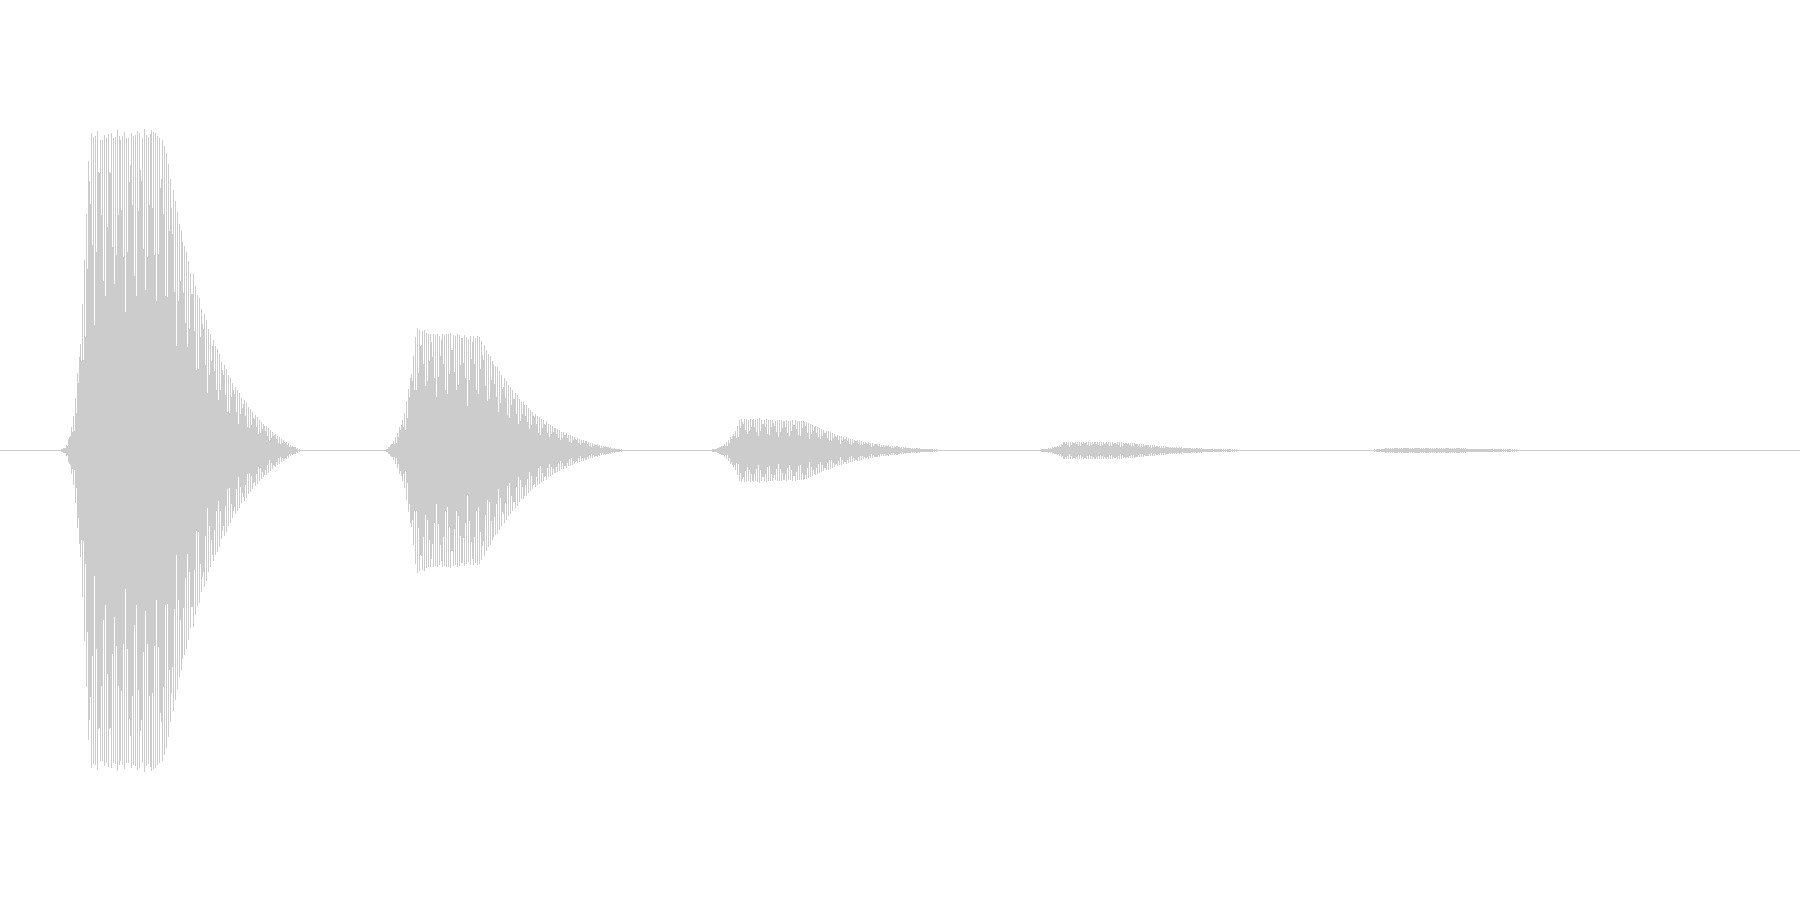 ファミコン風効果音カーソル系です 07の未再生の波形